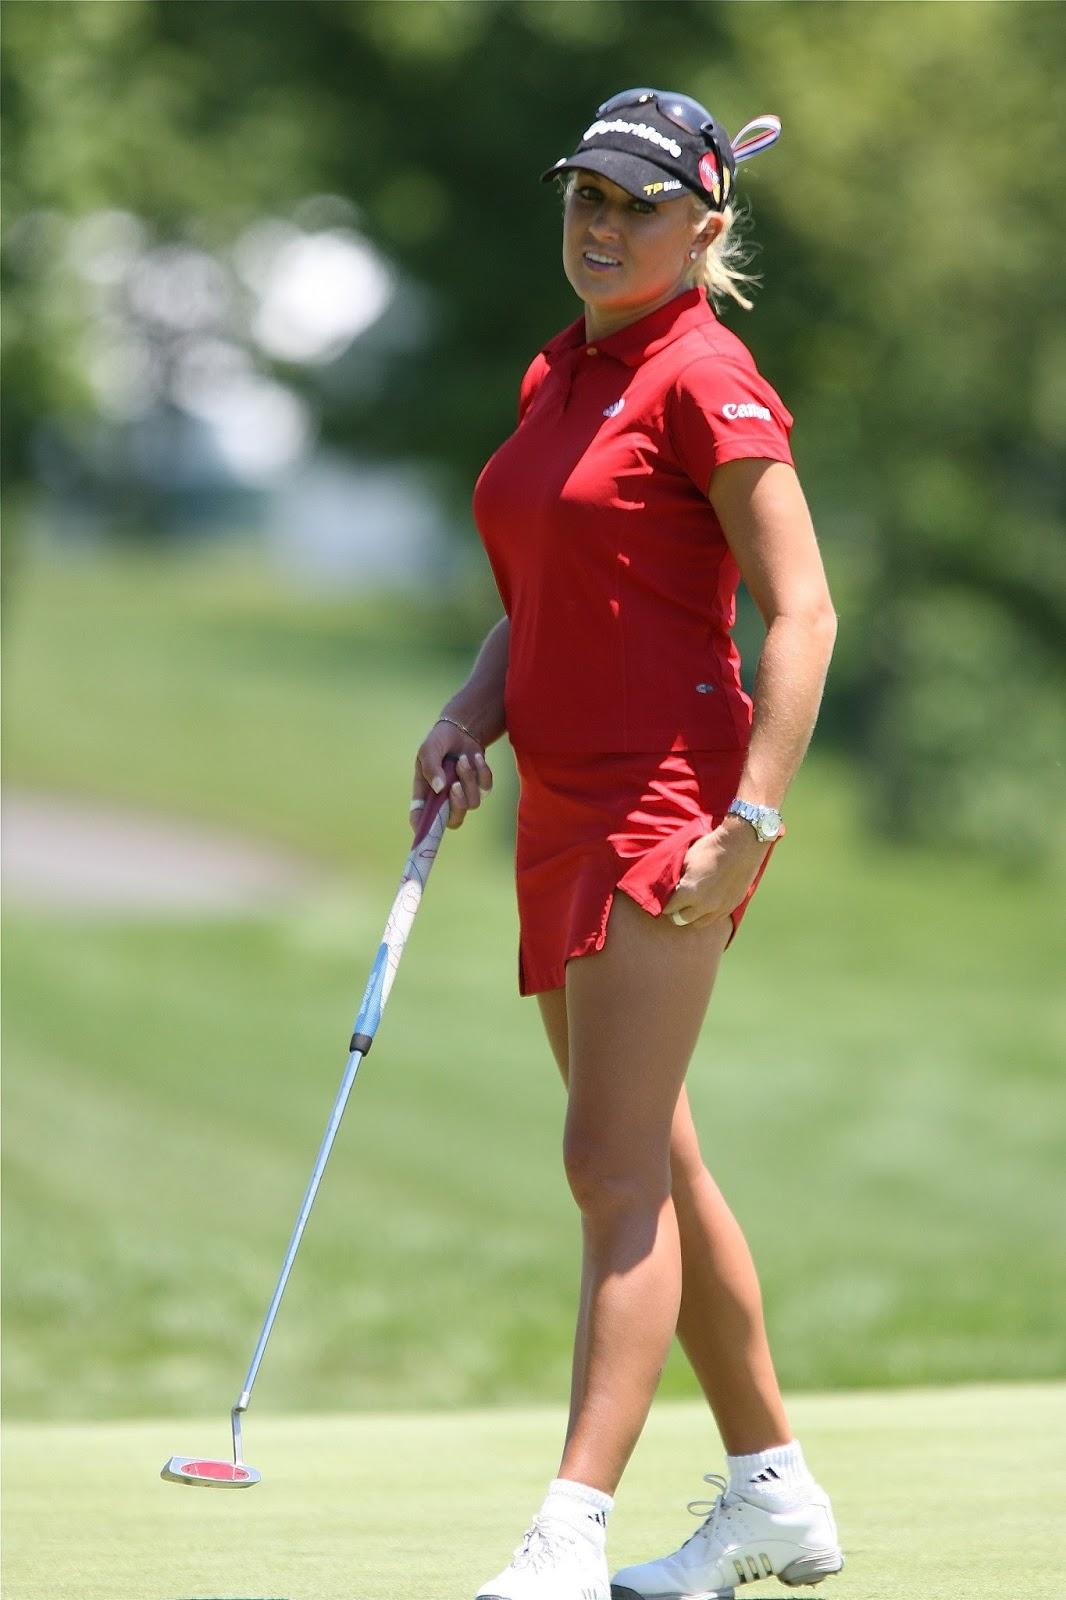 Pin on golf hotties